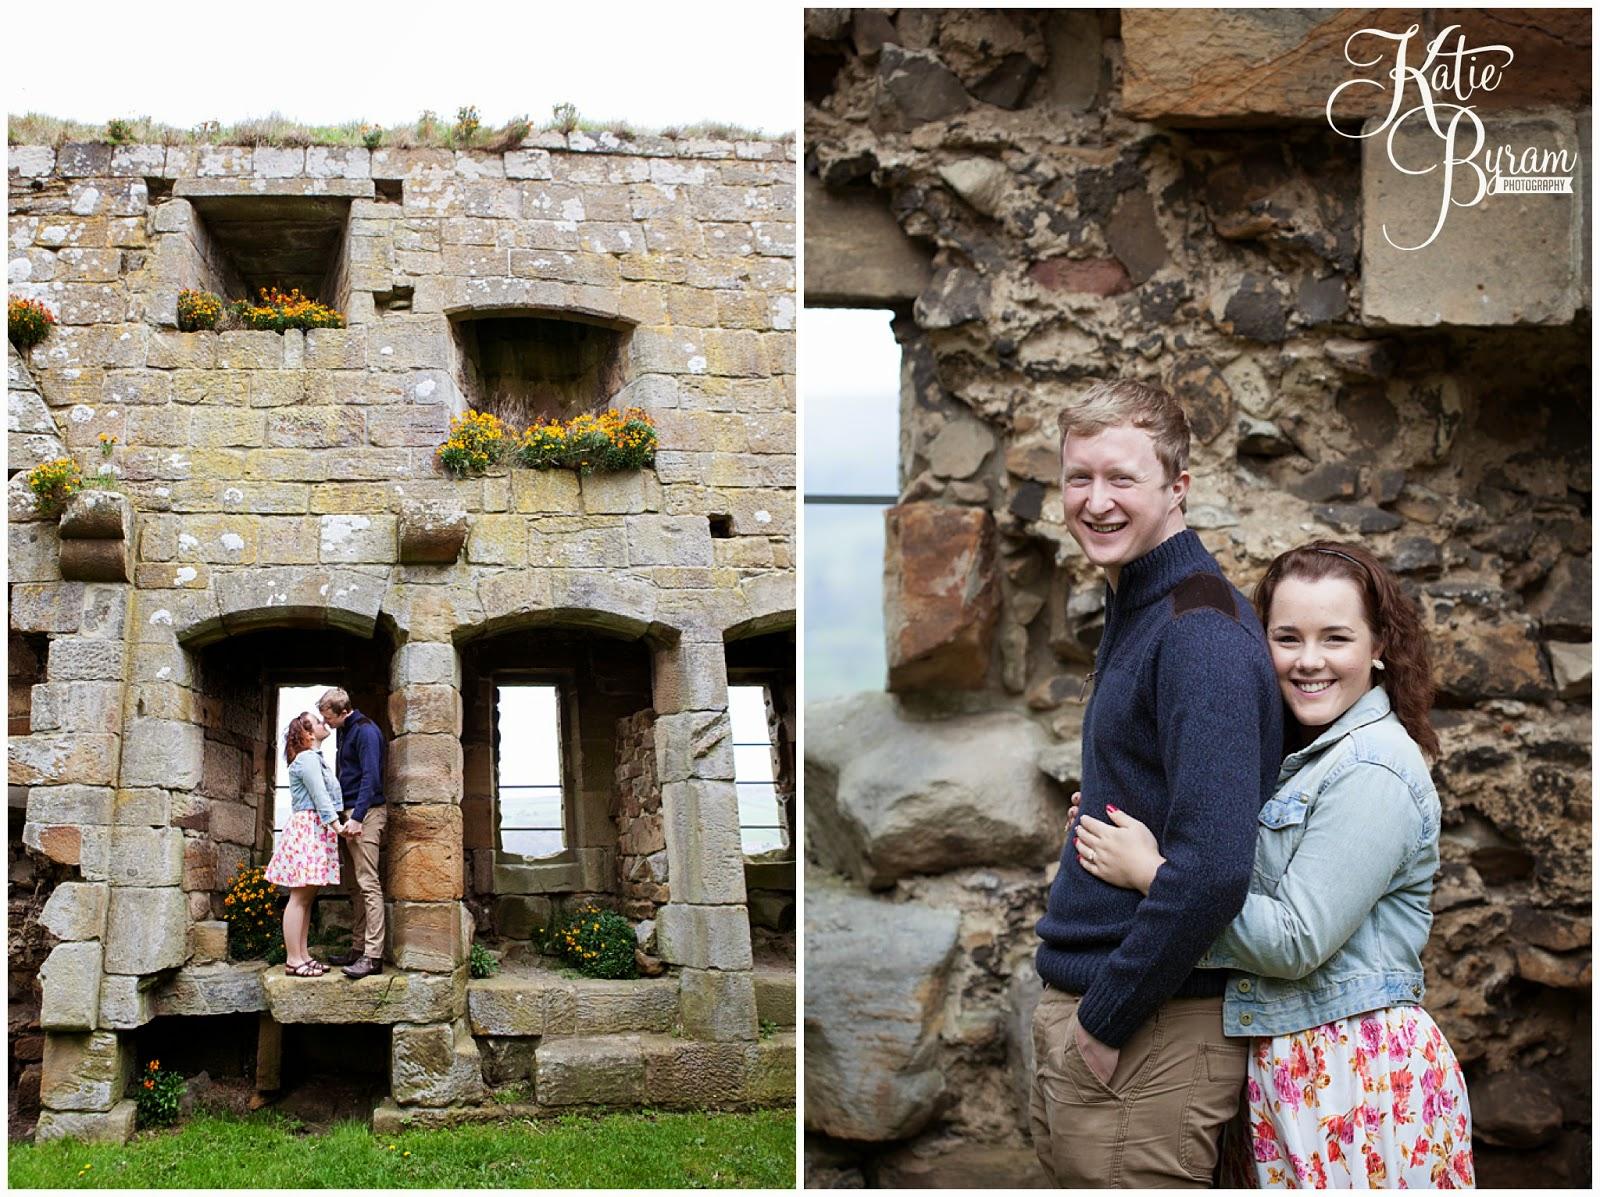 danby castle wedding, danby castle pre-wedding shoot, danby north yorkshire, quirky wedding venue yorkshire, wedding venue yorkshire, katie byram photography, countryside wedding venue, danby castle